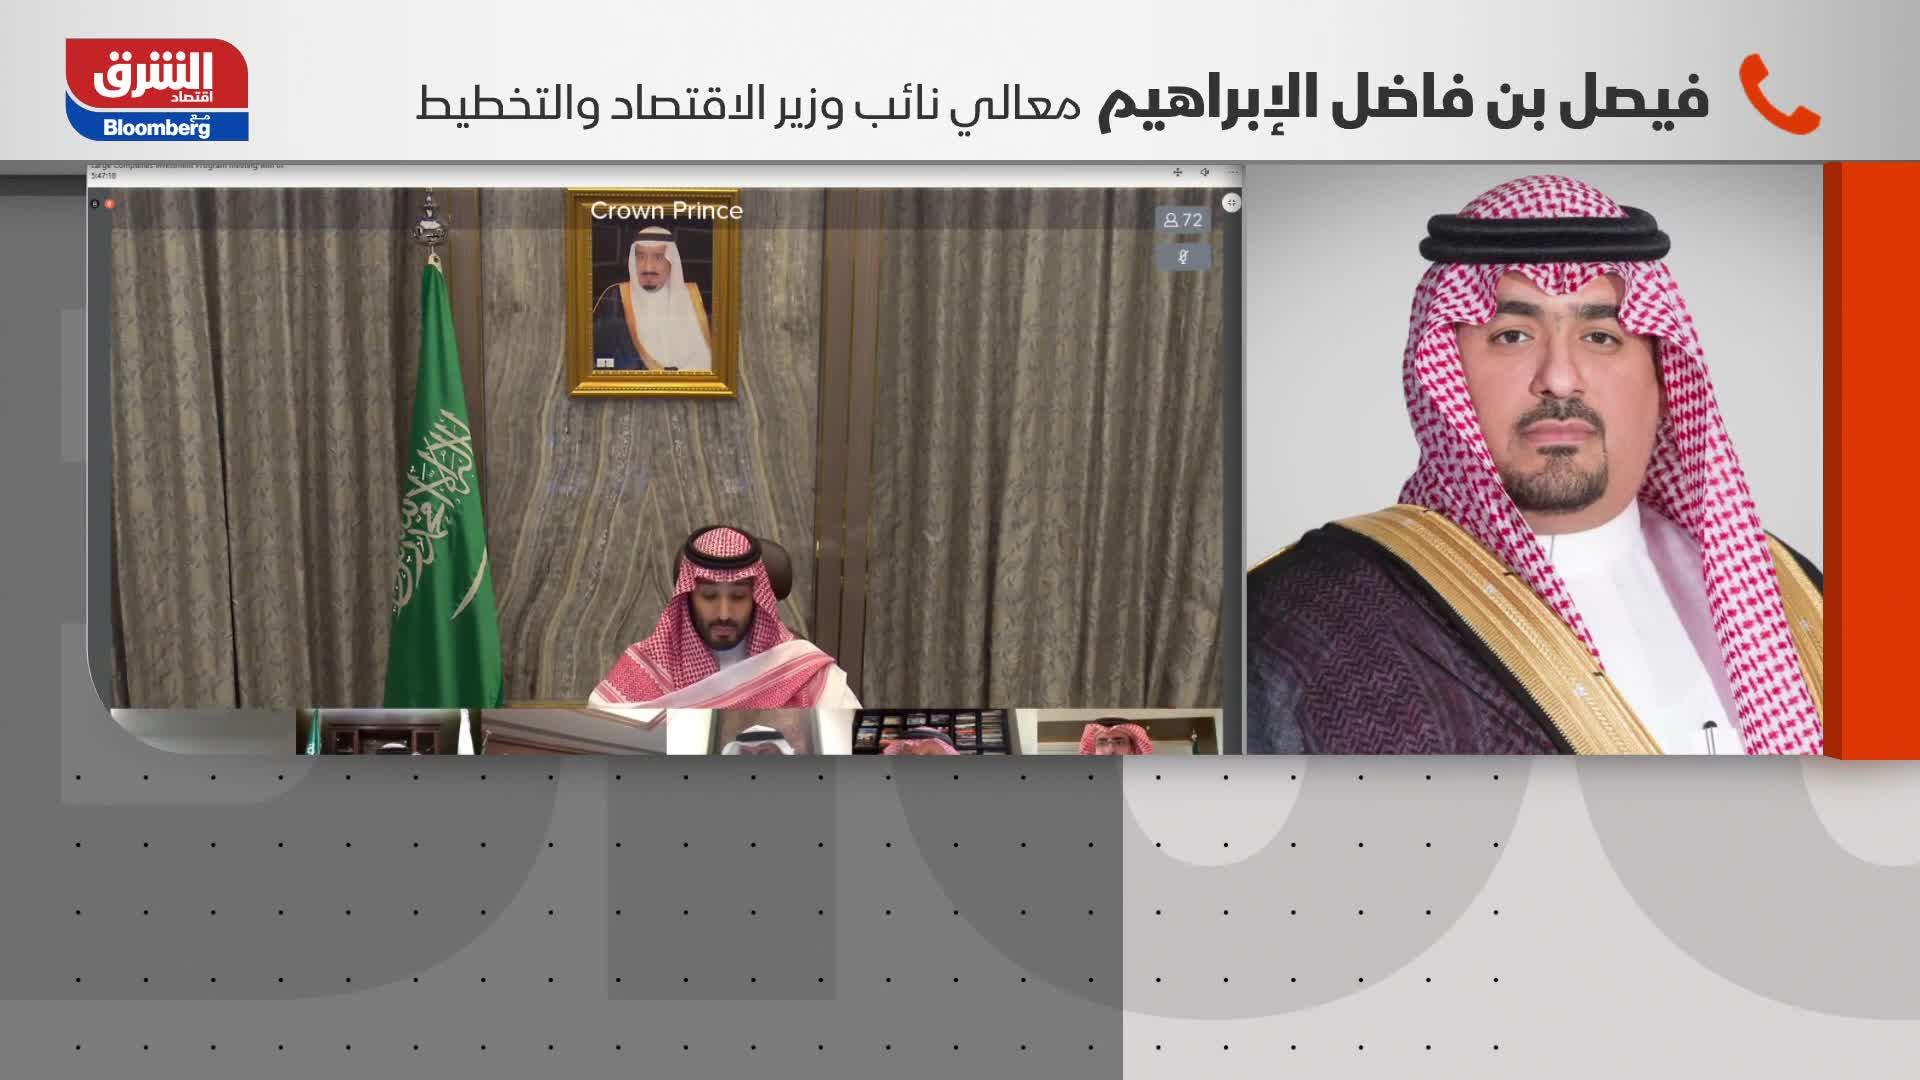 فيصل بن فاضل الإبراهيم - معالي نائب وزير الاقتصاد والتخطيط السعودي